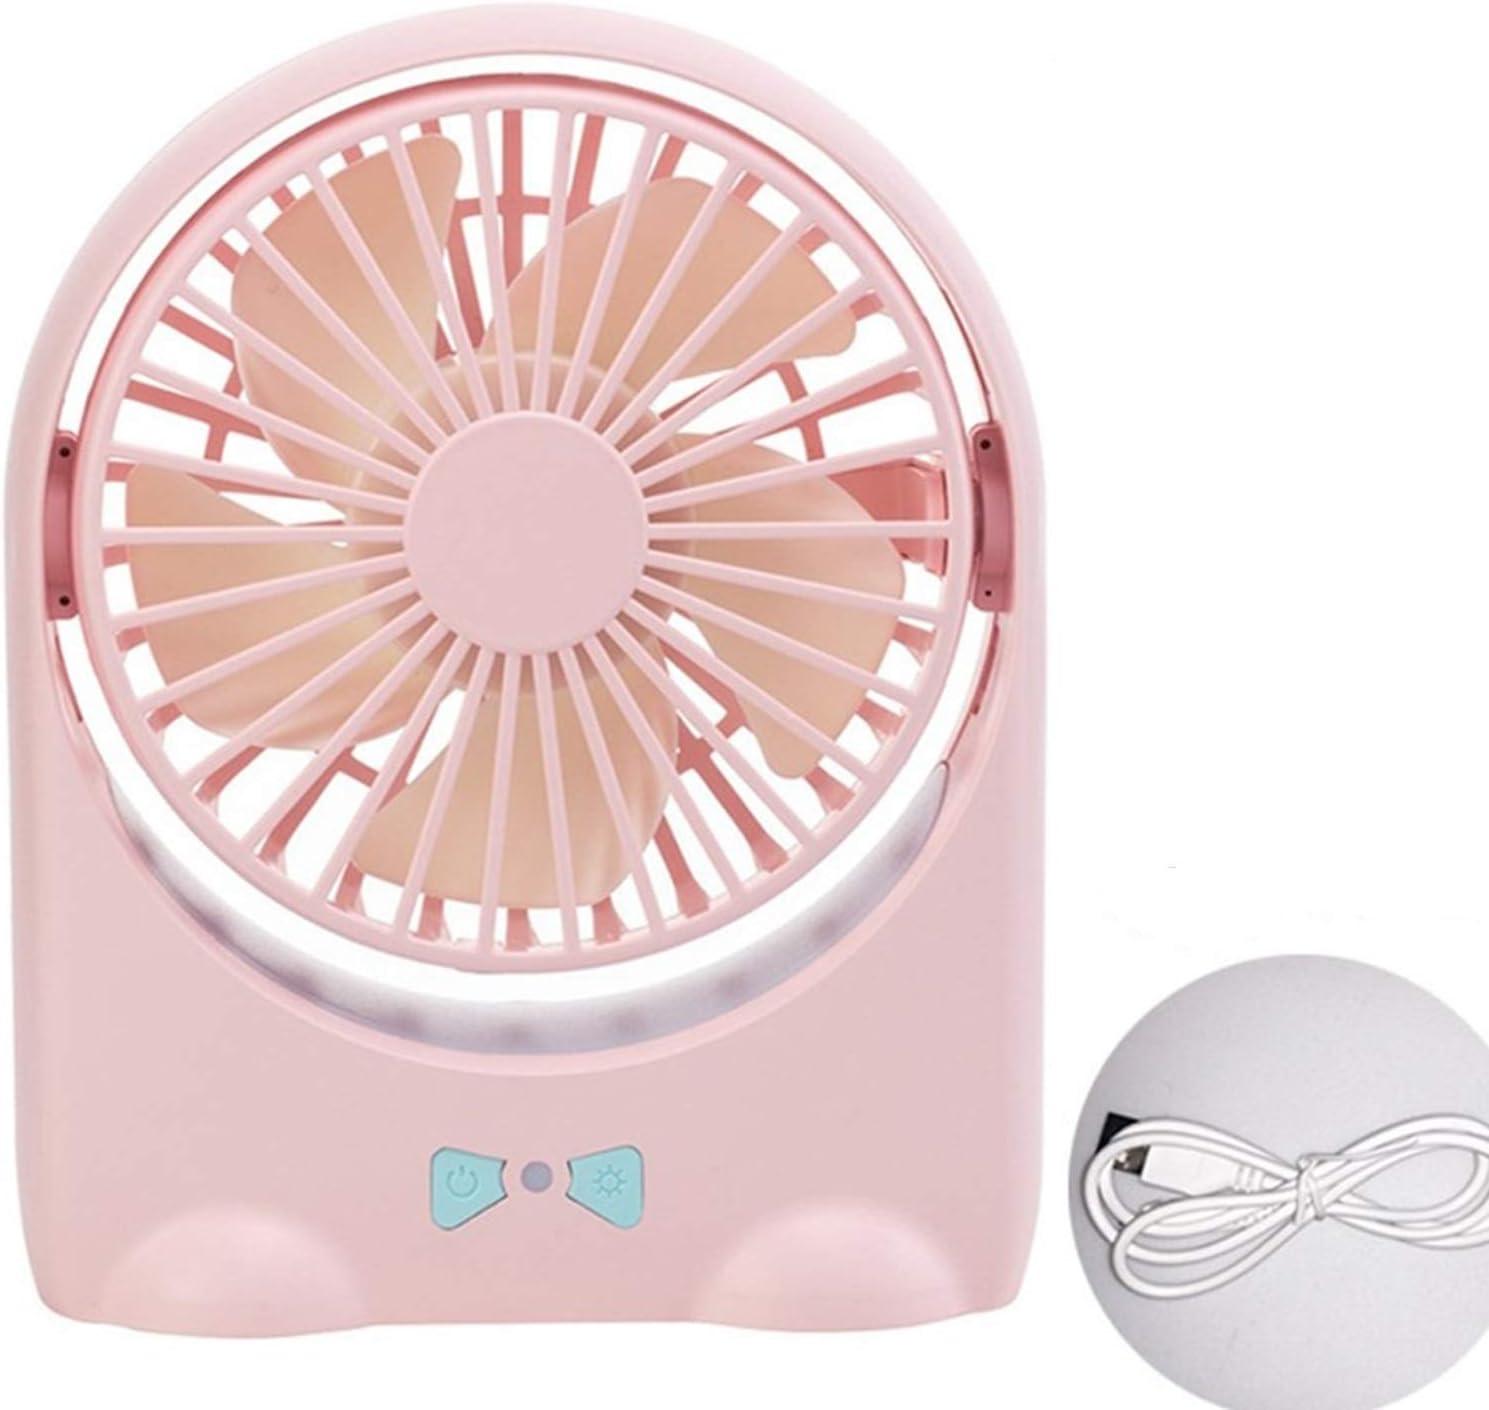 Free shipping Guizhoujiufu Baltimore Mall Ultra-Quiet Mini Fan Portable Recharg Small USB